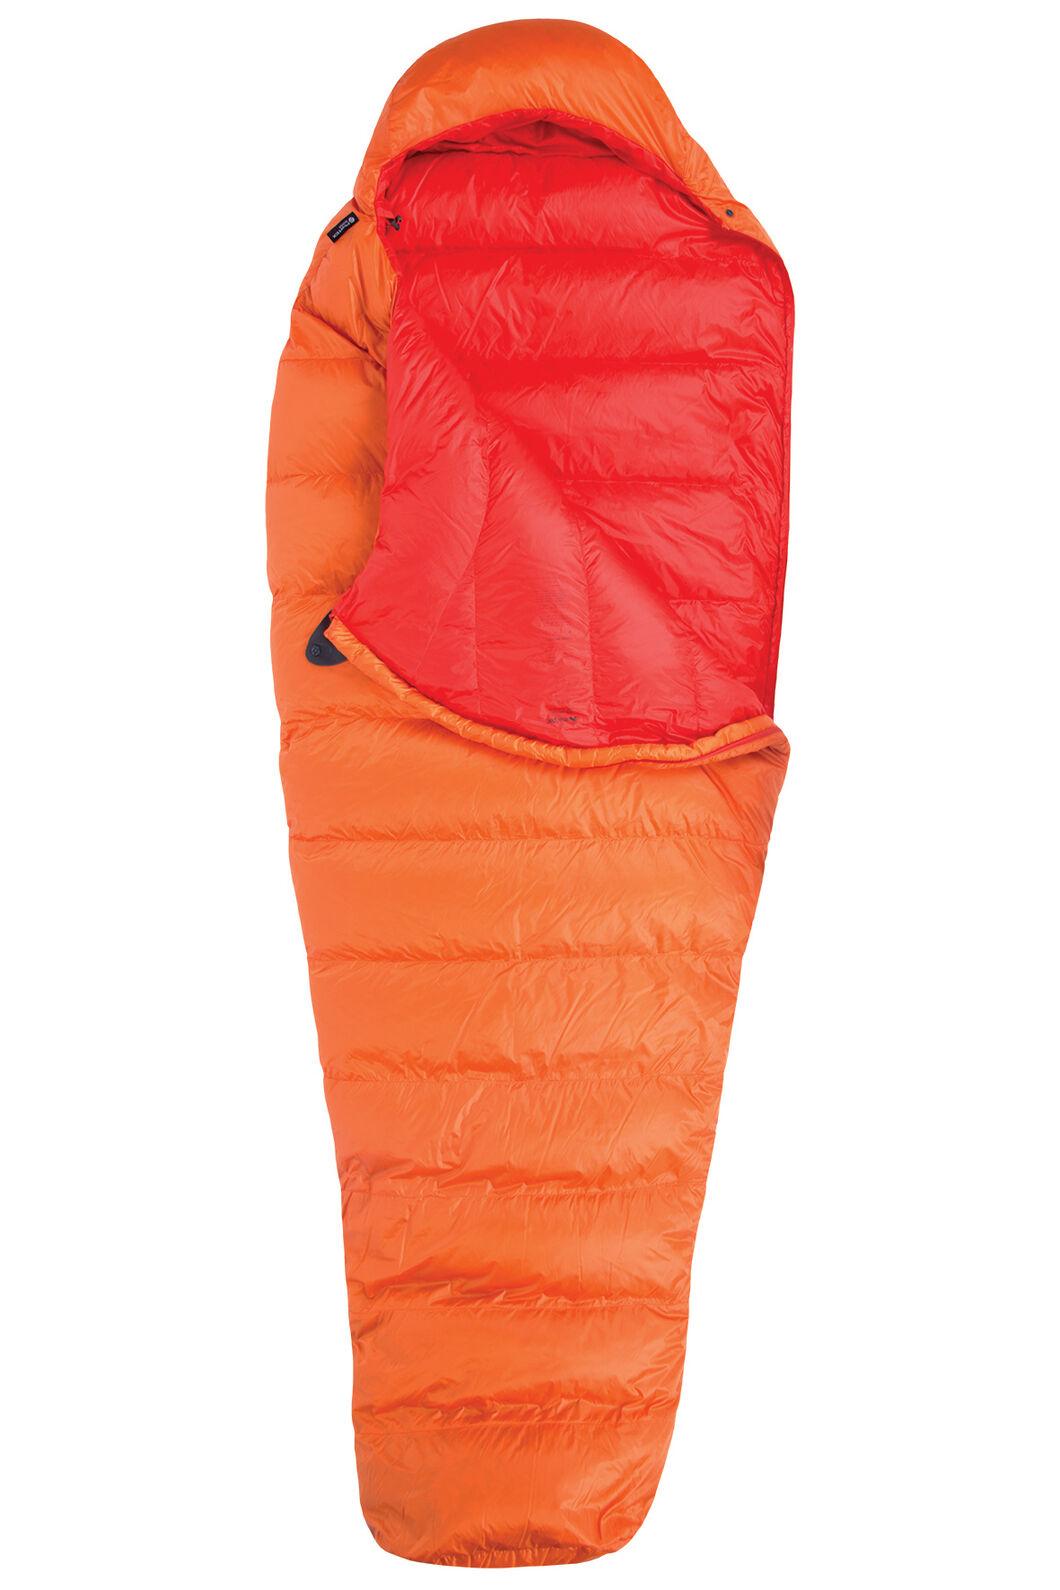 Macpac Epic HyperDRY™ Down 400 Sleeping Bag - Standard, Exuberance/ Indicator, hi-res